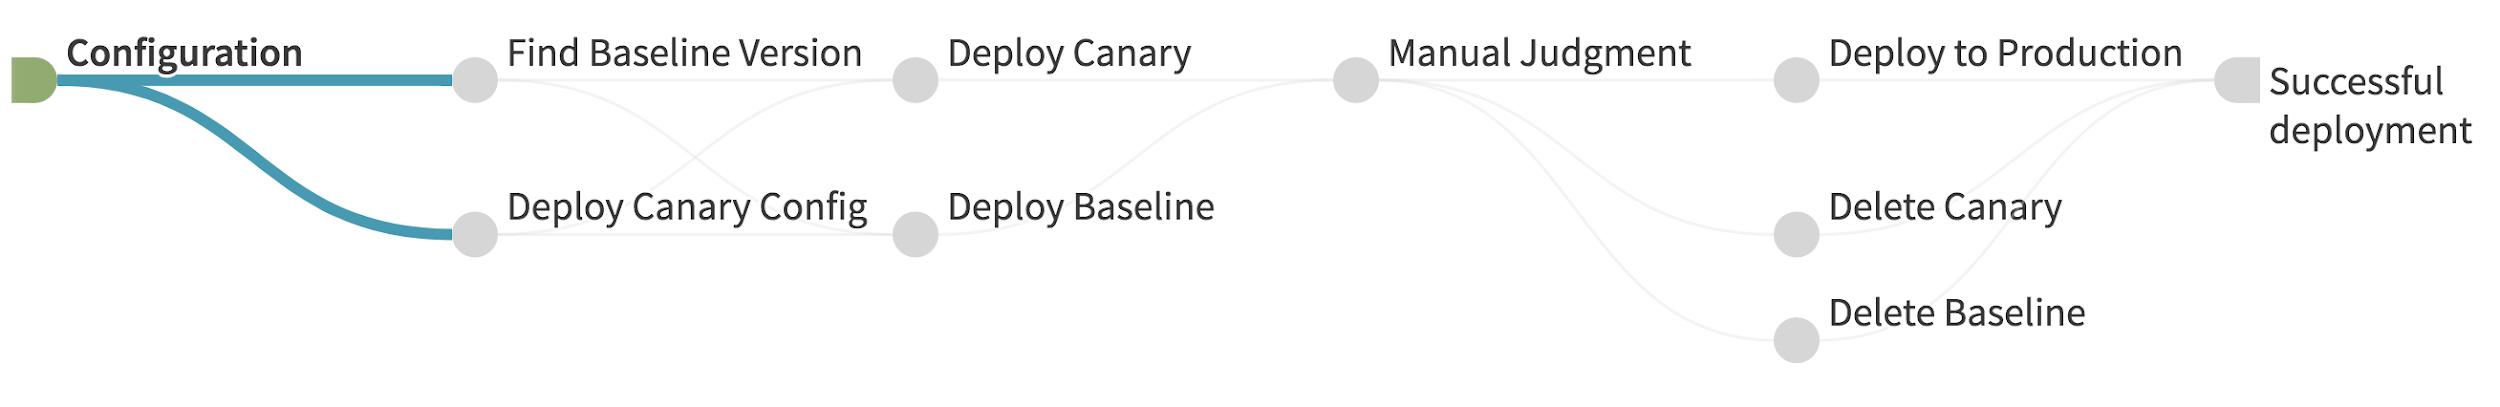 Ilustração dos estágios de um pipeline de implantação canário.